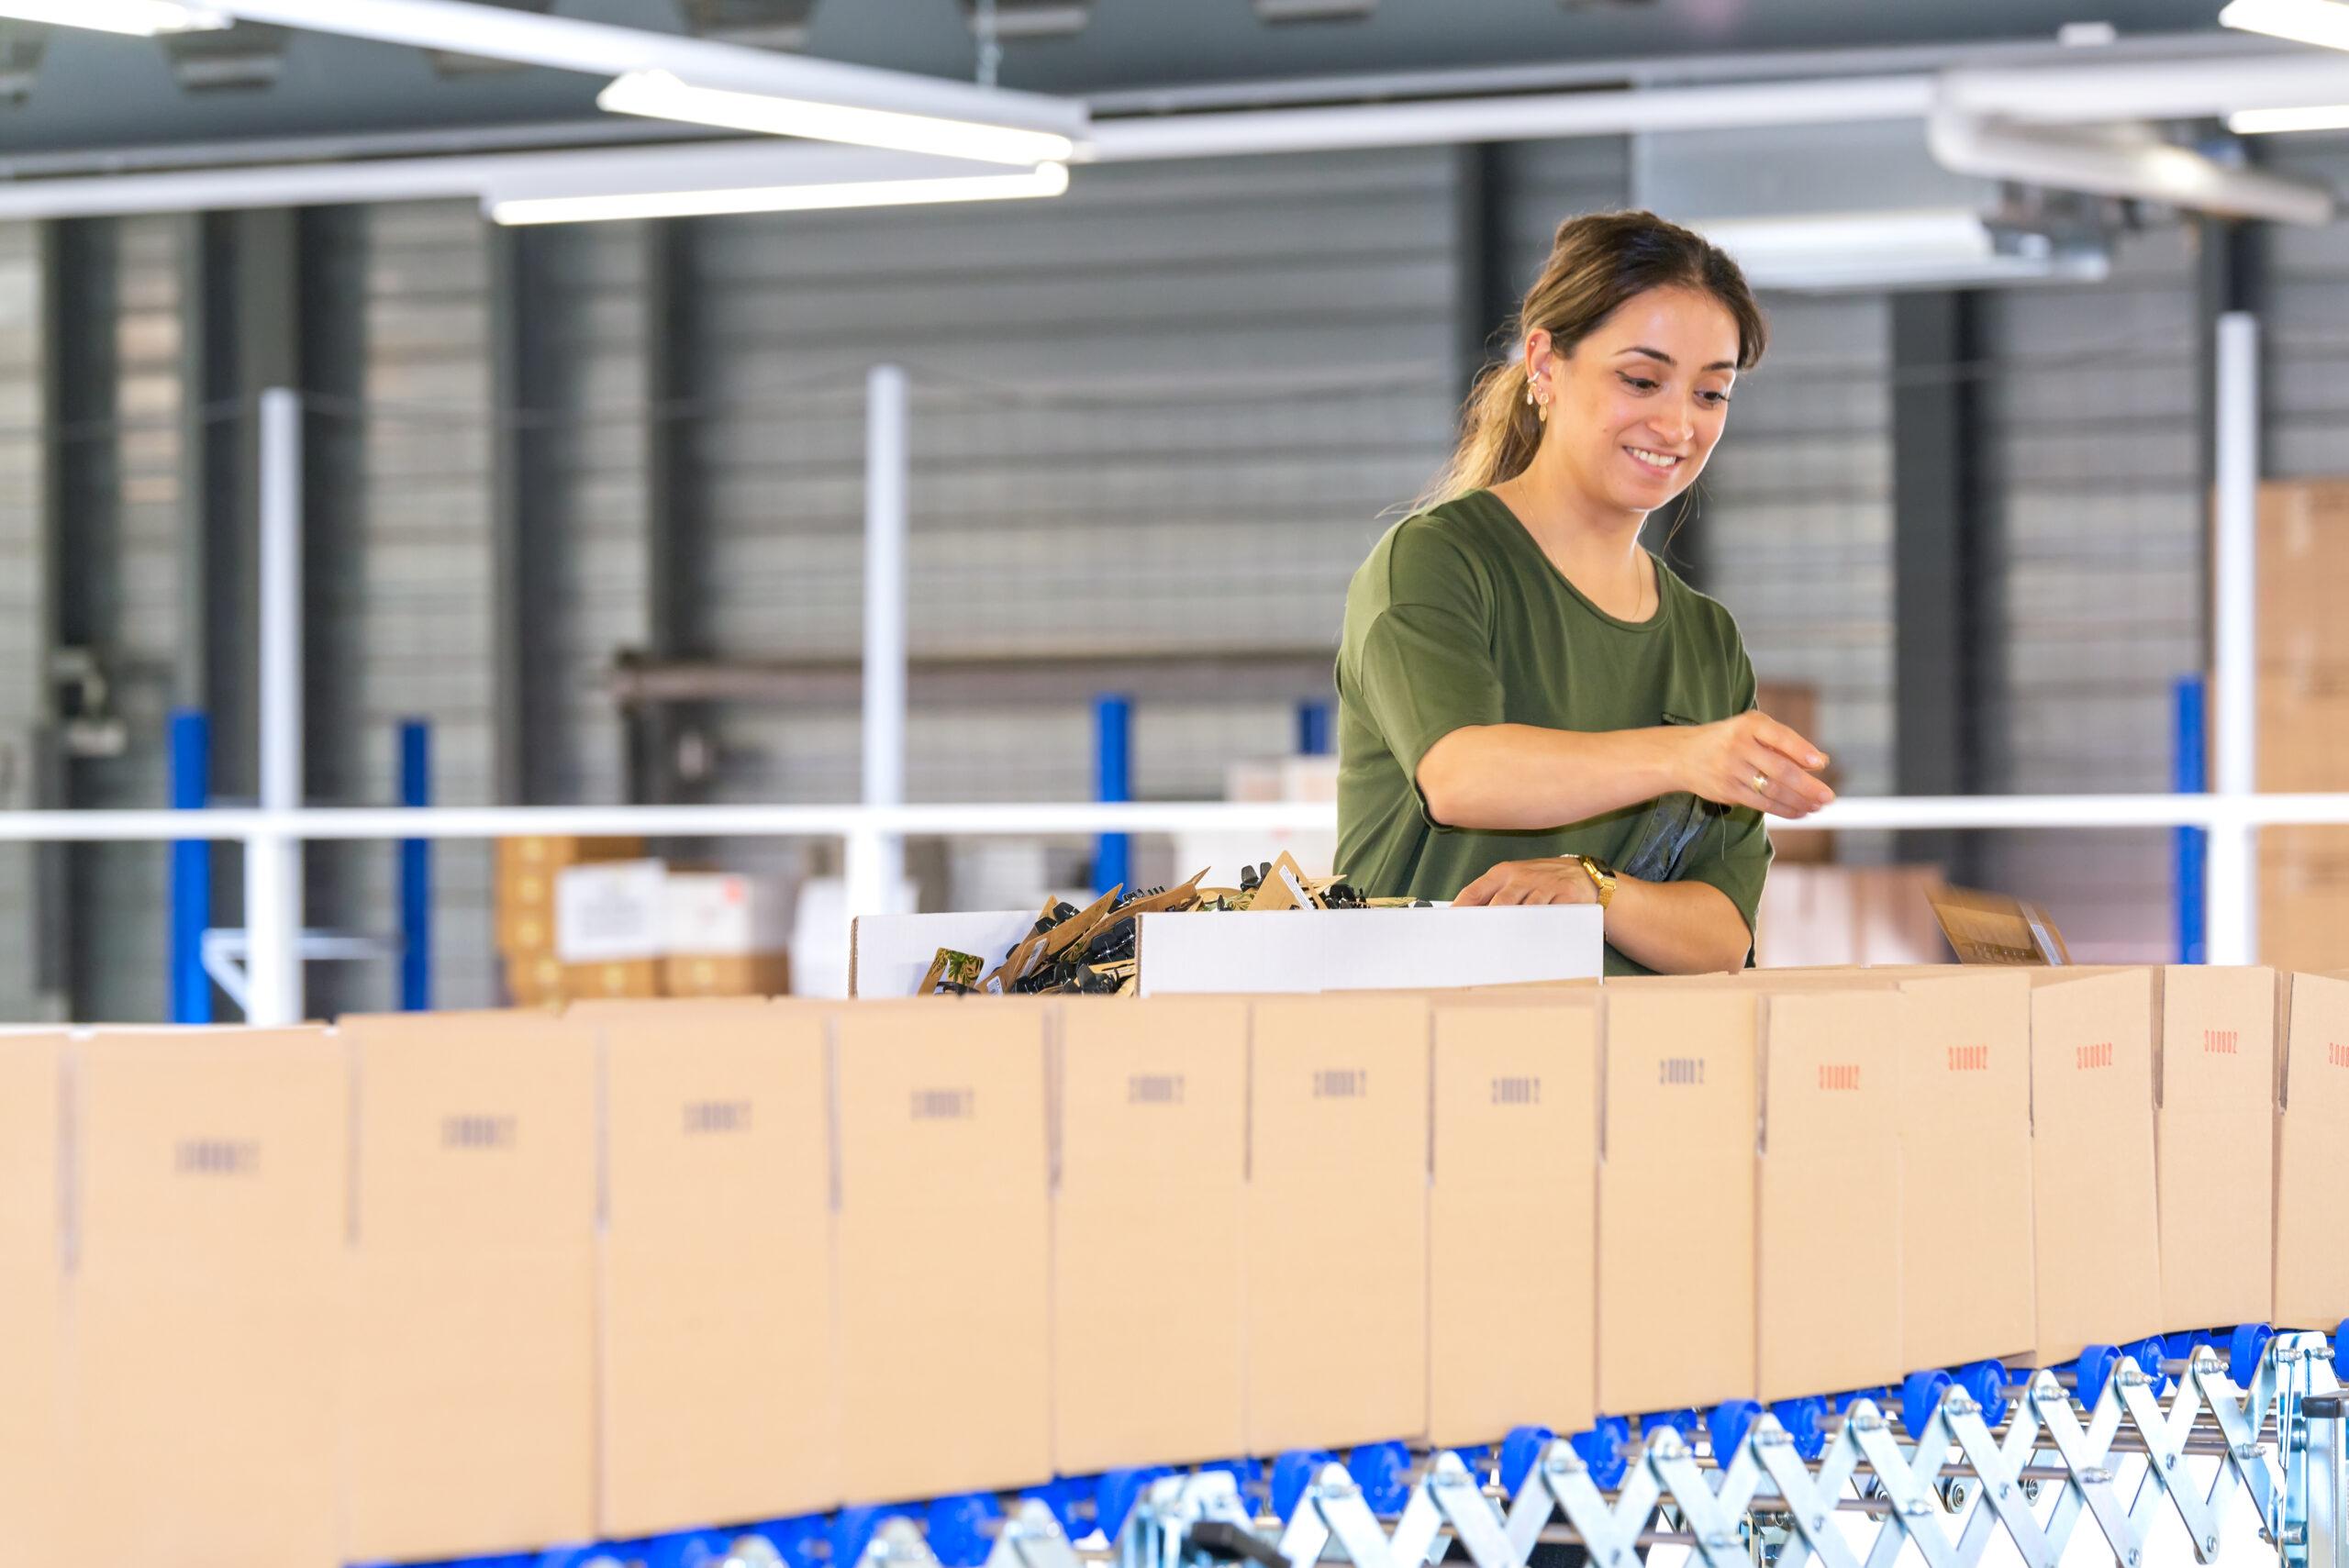 Eine Mitarbeitende der Verkaufslogistik von Trisa Accessoires ist am Kommissionieren einer Kunden-Bestellung.